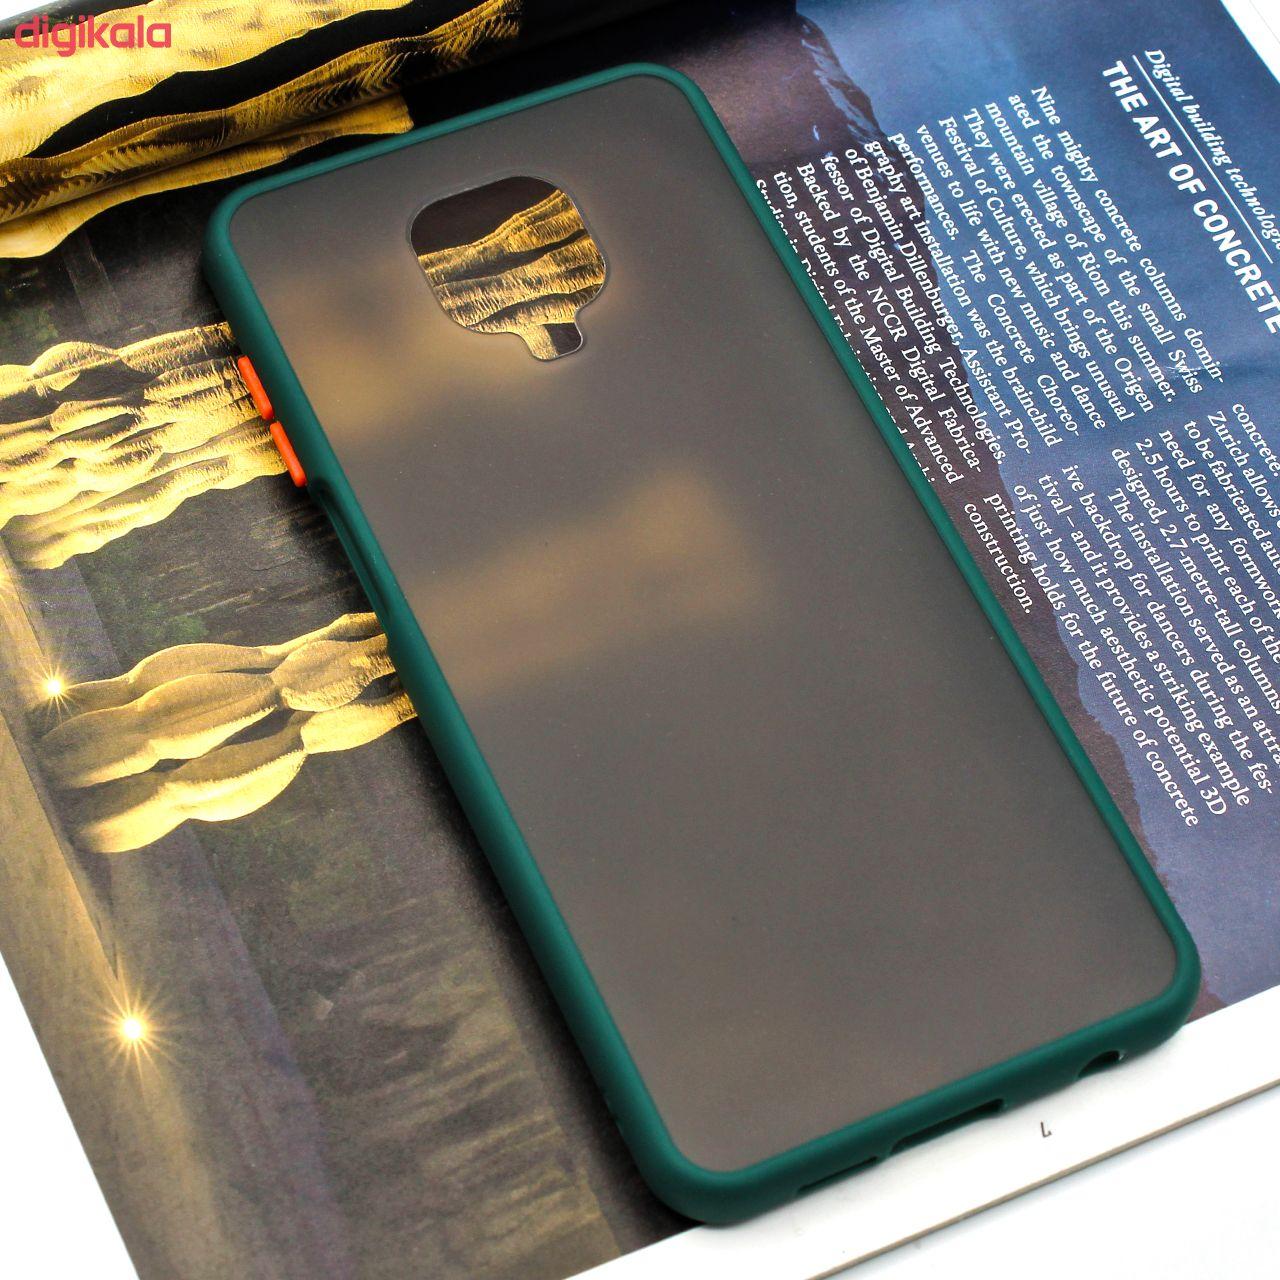 کاور کینگ پاور مدل M21 مناسب برای گوشی موبایل شیائومی Redmi Note 9S / Note 9 Pro / Note 9 Pro Max main 1 6